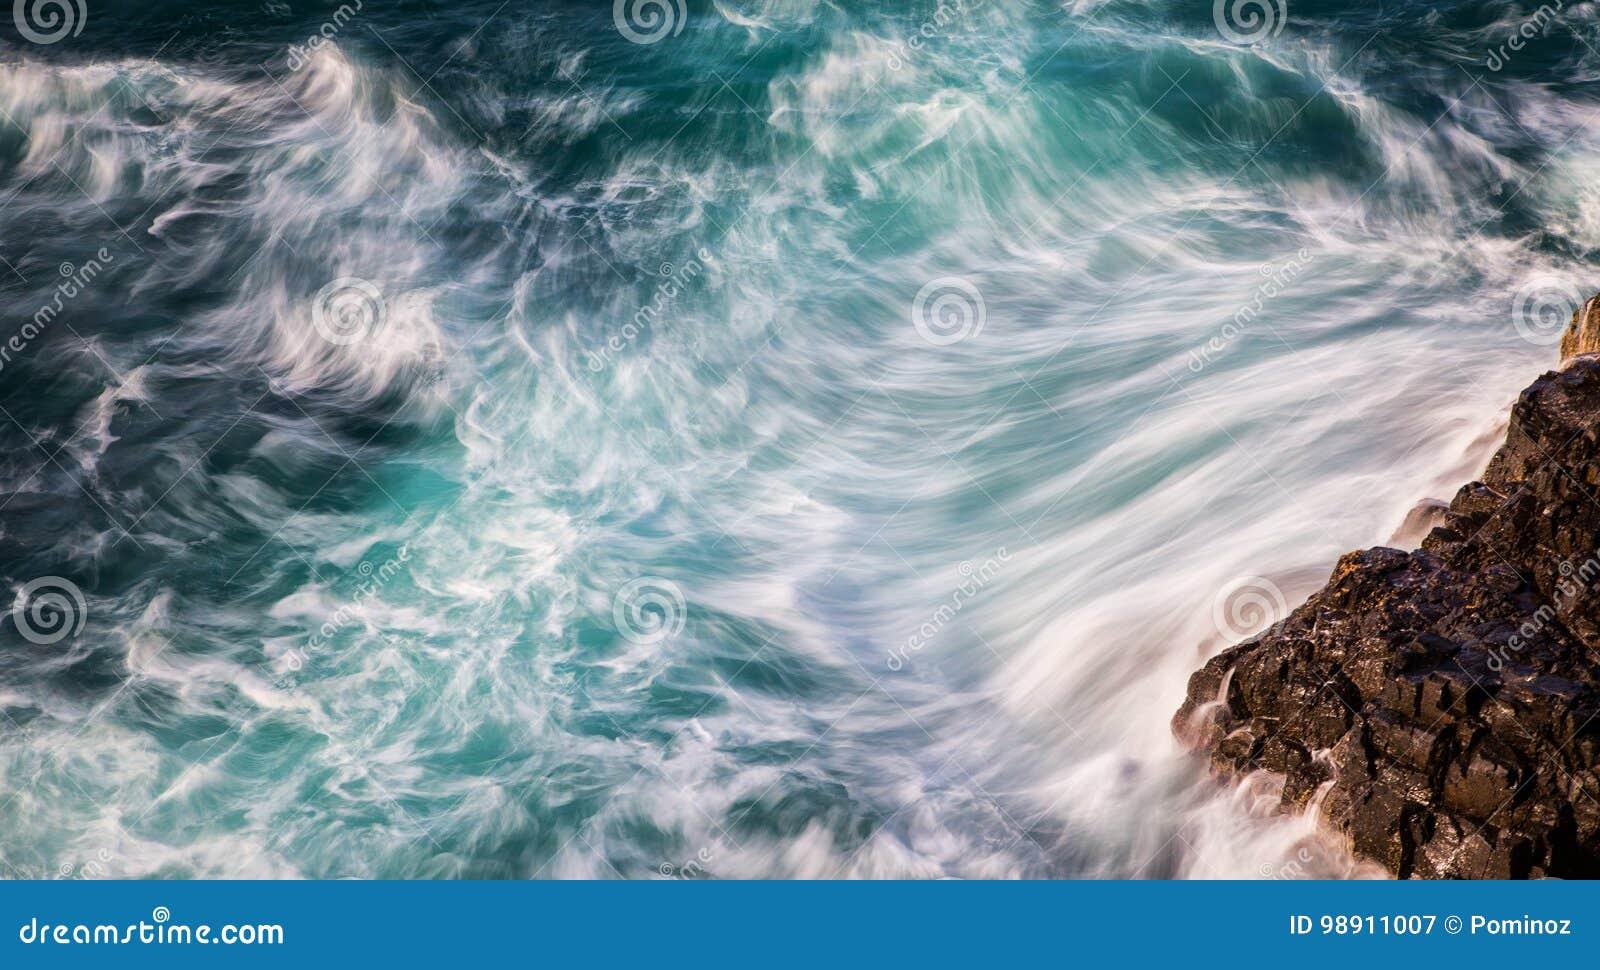 Конспект океанских волн